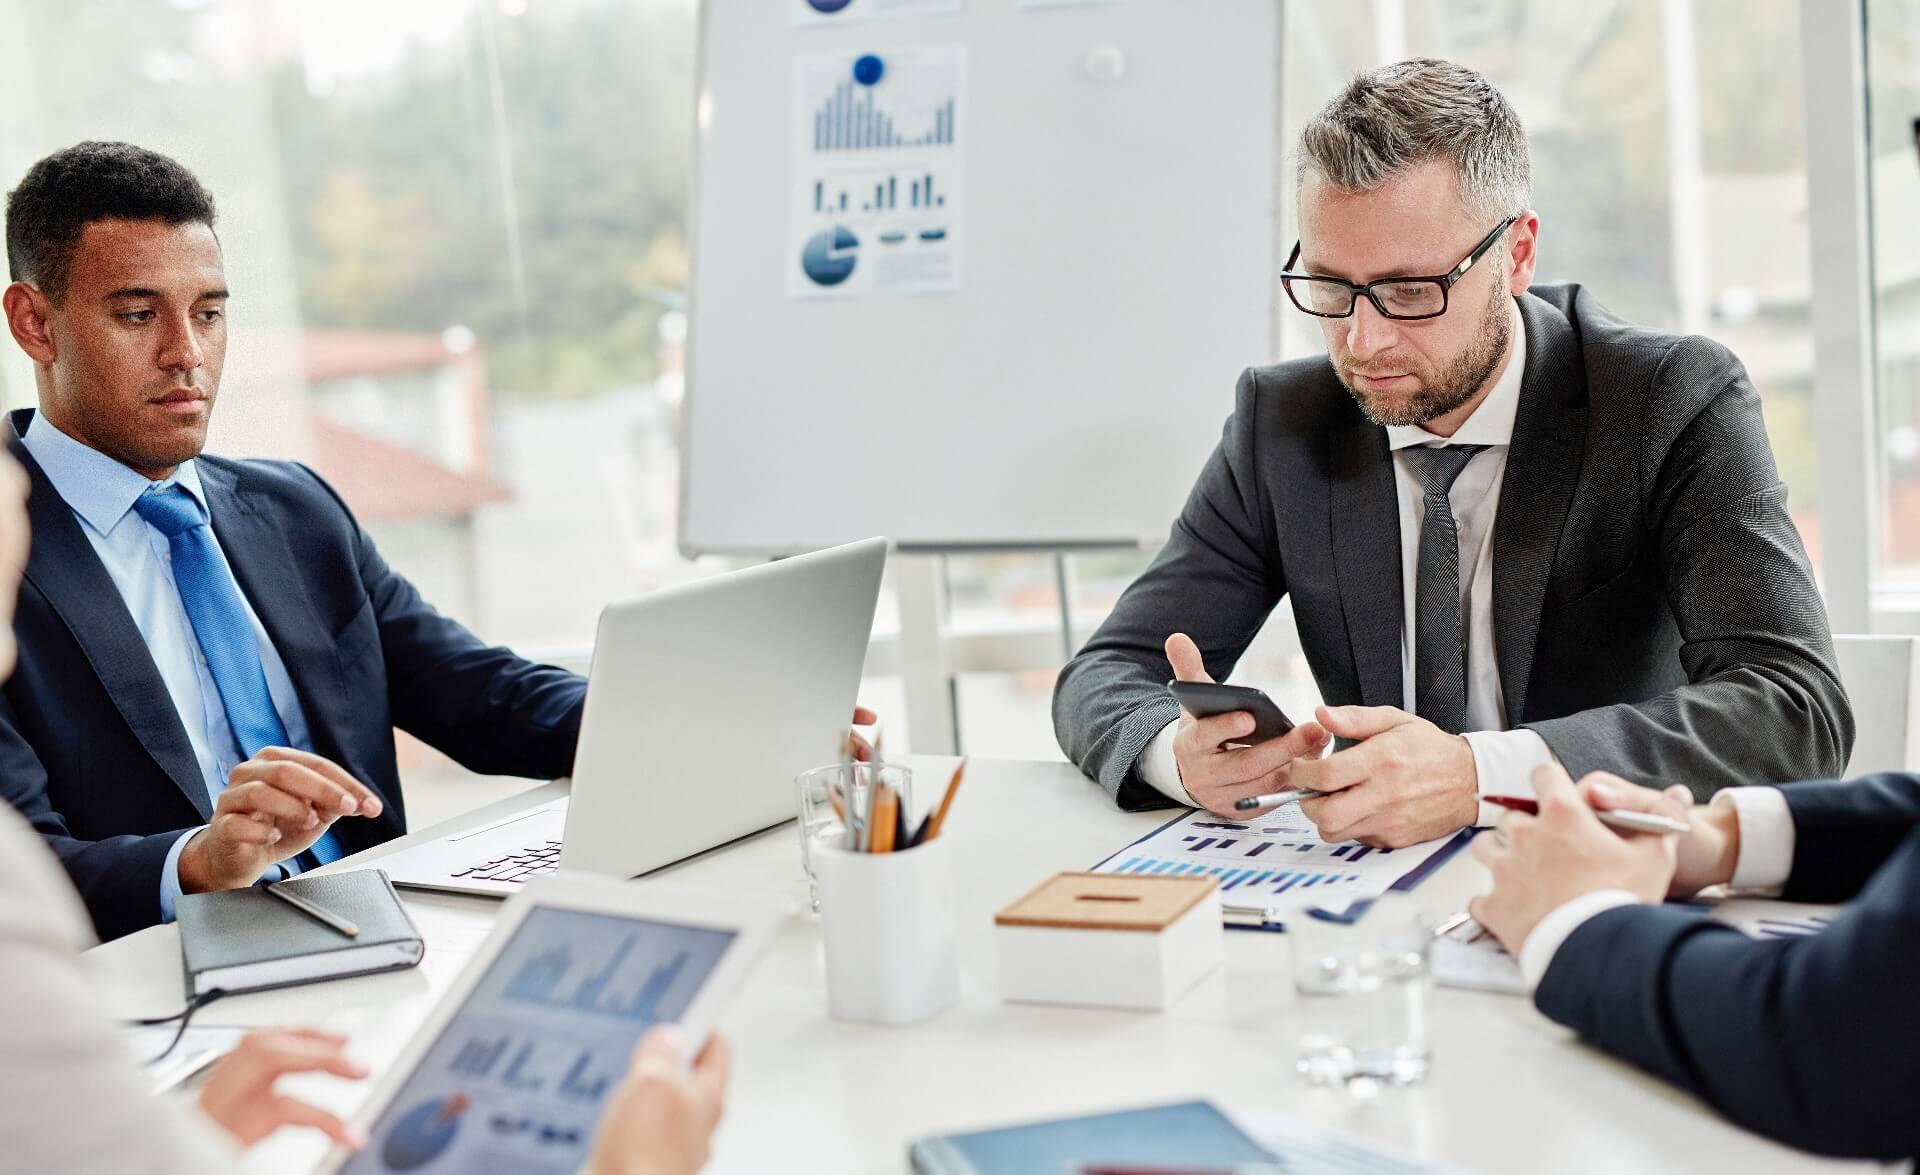 Hire Top Online Assessment Platform Developers